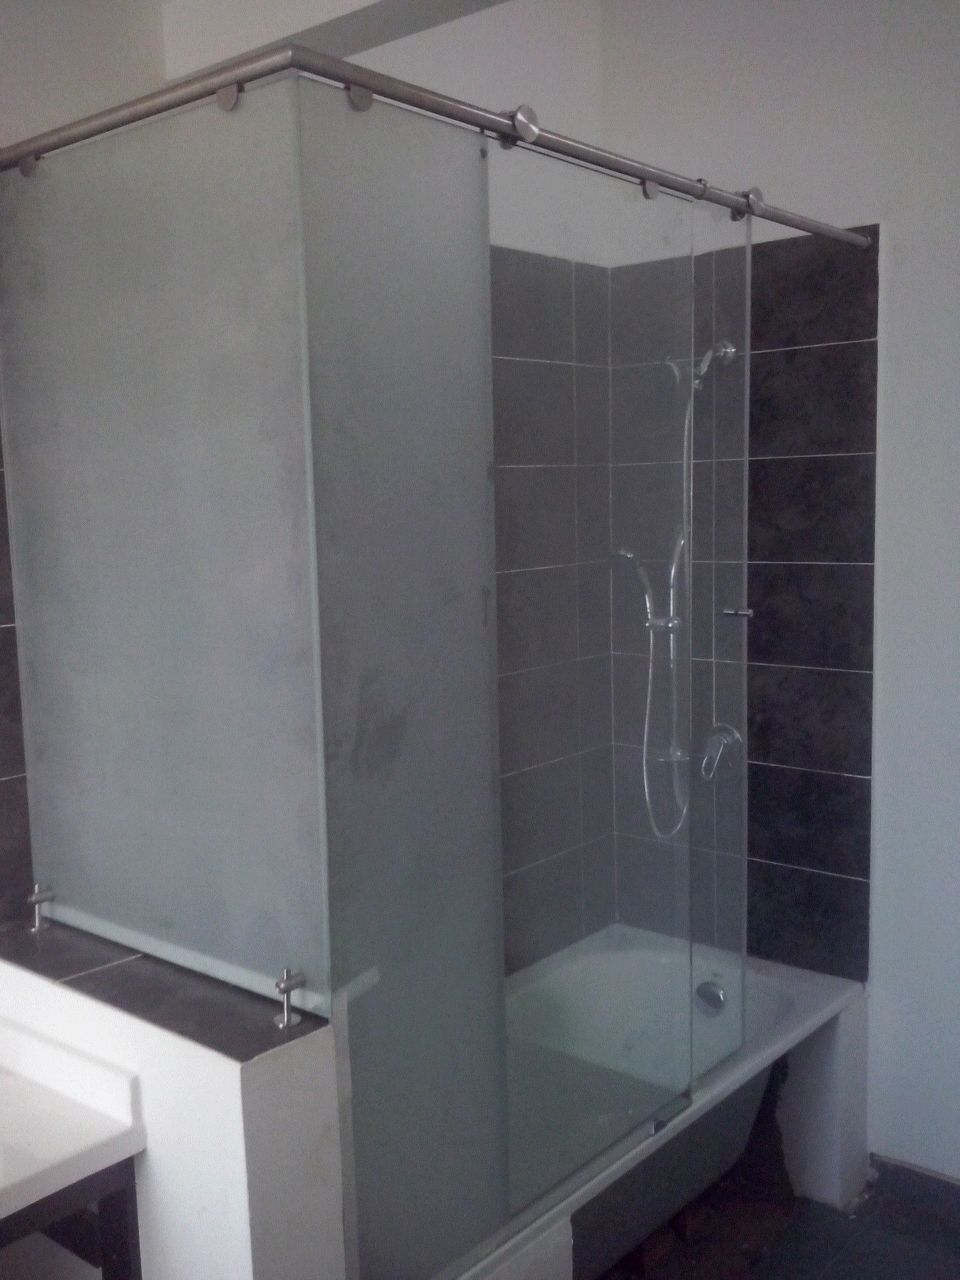 División de baño para tina